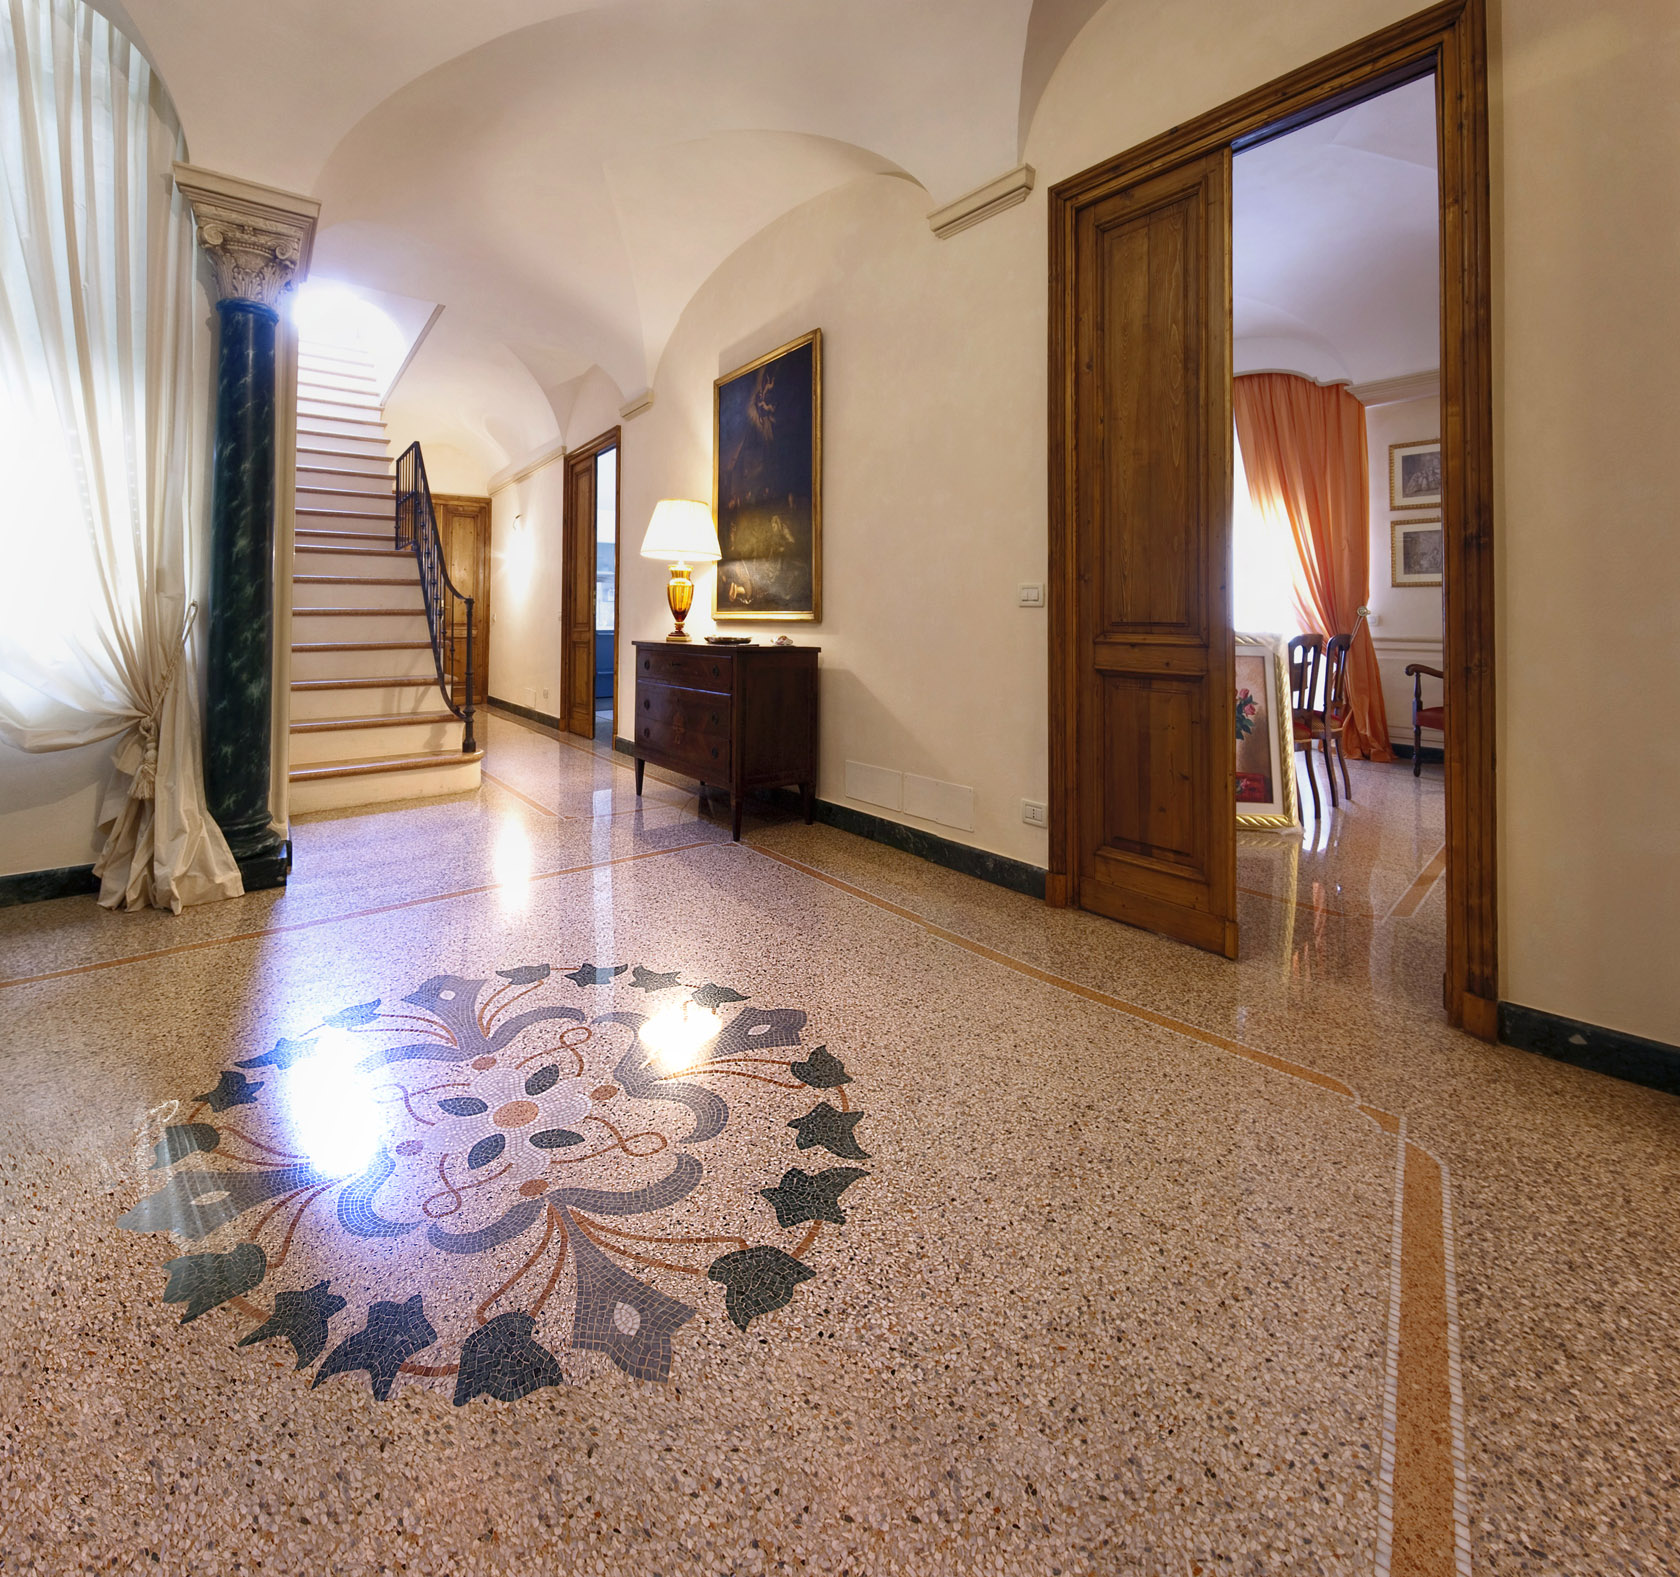 Conosciuto Vigo Mosaici | Pavimenti alla veneziana, alla genovese  EC17